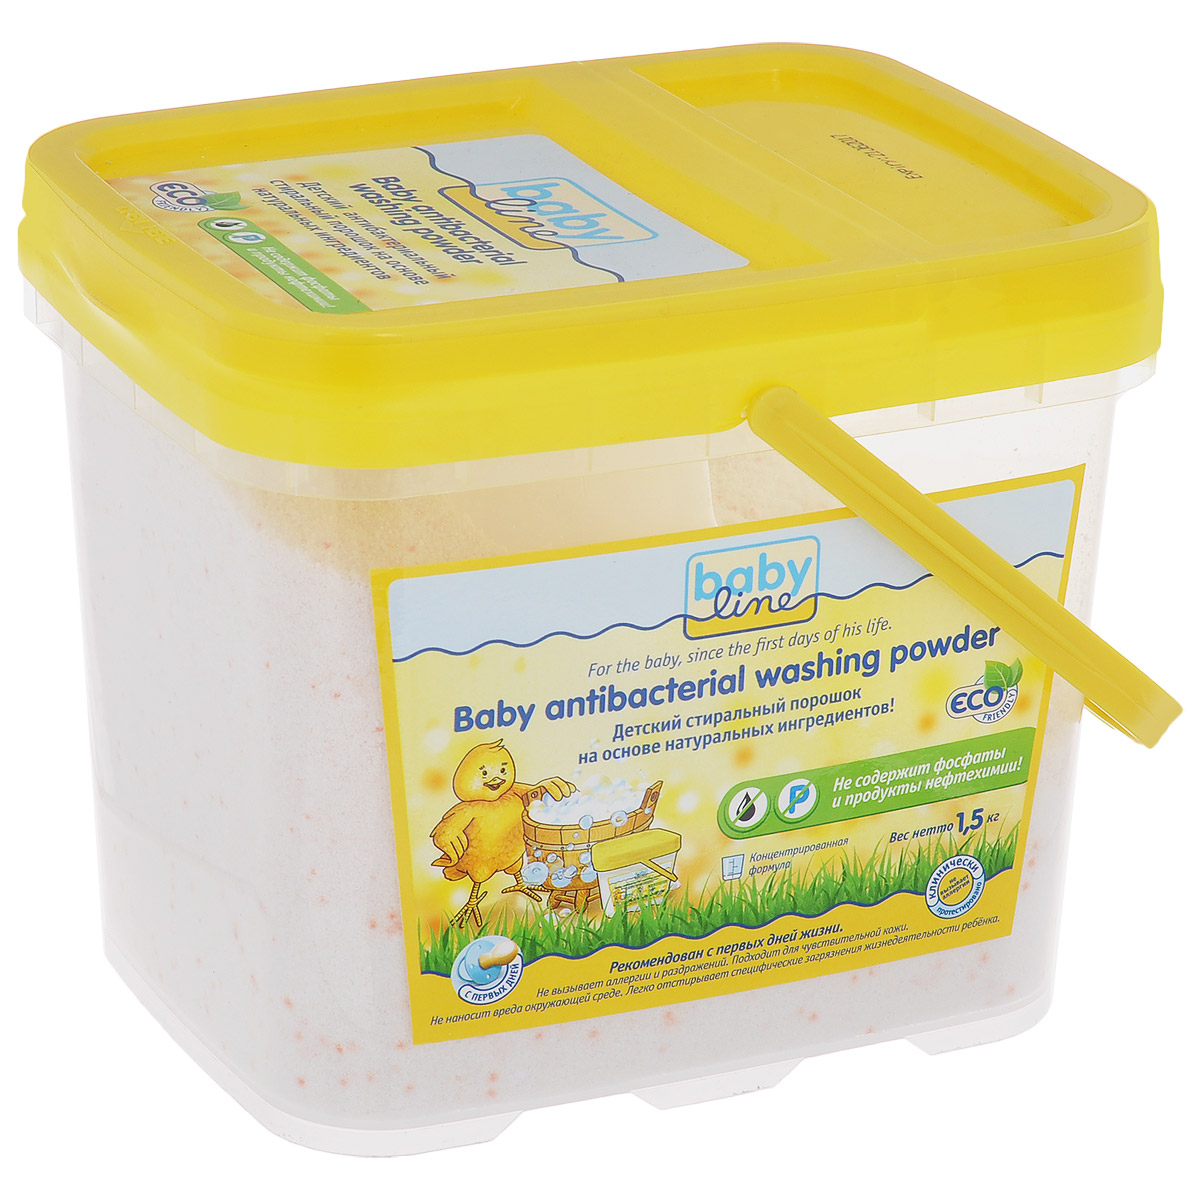 Babyline Стиральный порошок, детский, на основе натуральных ингридиентов, 1,5 кгGC013/00Детский стиральный порошок на основе натуральных ингредиентов (Концентрат! 1,5 кг = 25 стирок). Рекомендован с первых дней жизни! Не содержит фосфатов и продуктов нефтехимии! Не наносит вреда окружающей среде. Не вызывает аллергии и раздражений. Подходит даже для чувствительной кожи.Подходит для стирки в автоматической стиральной машине.